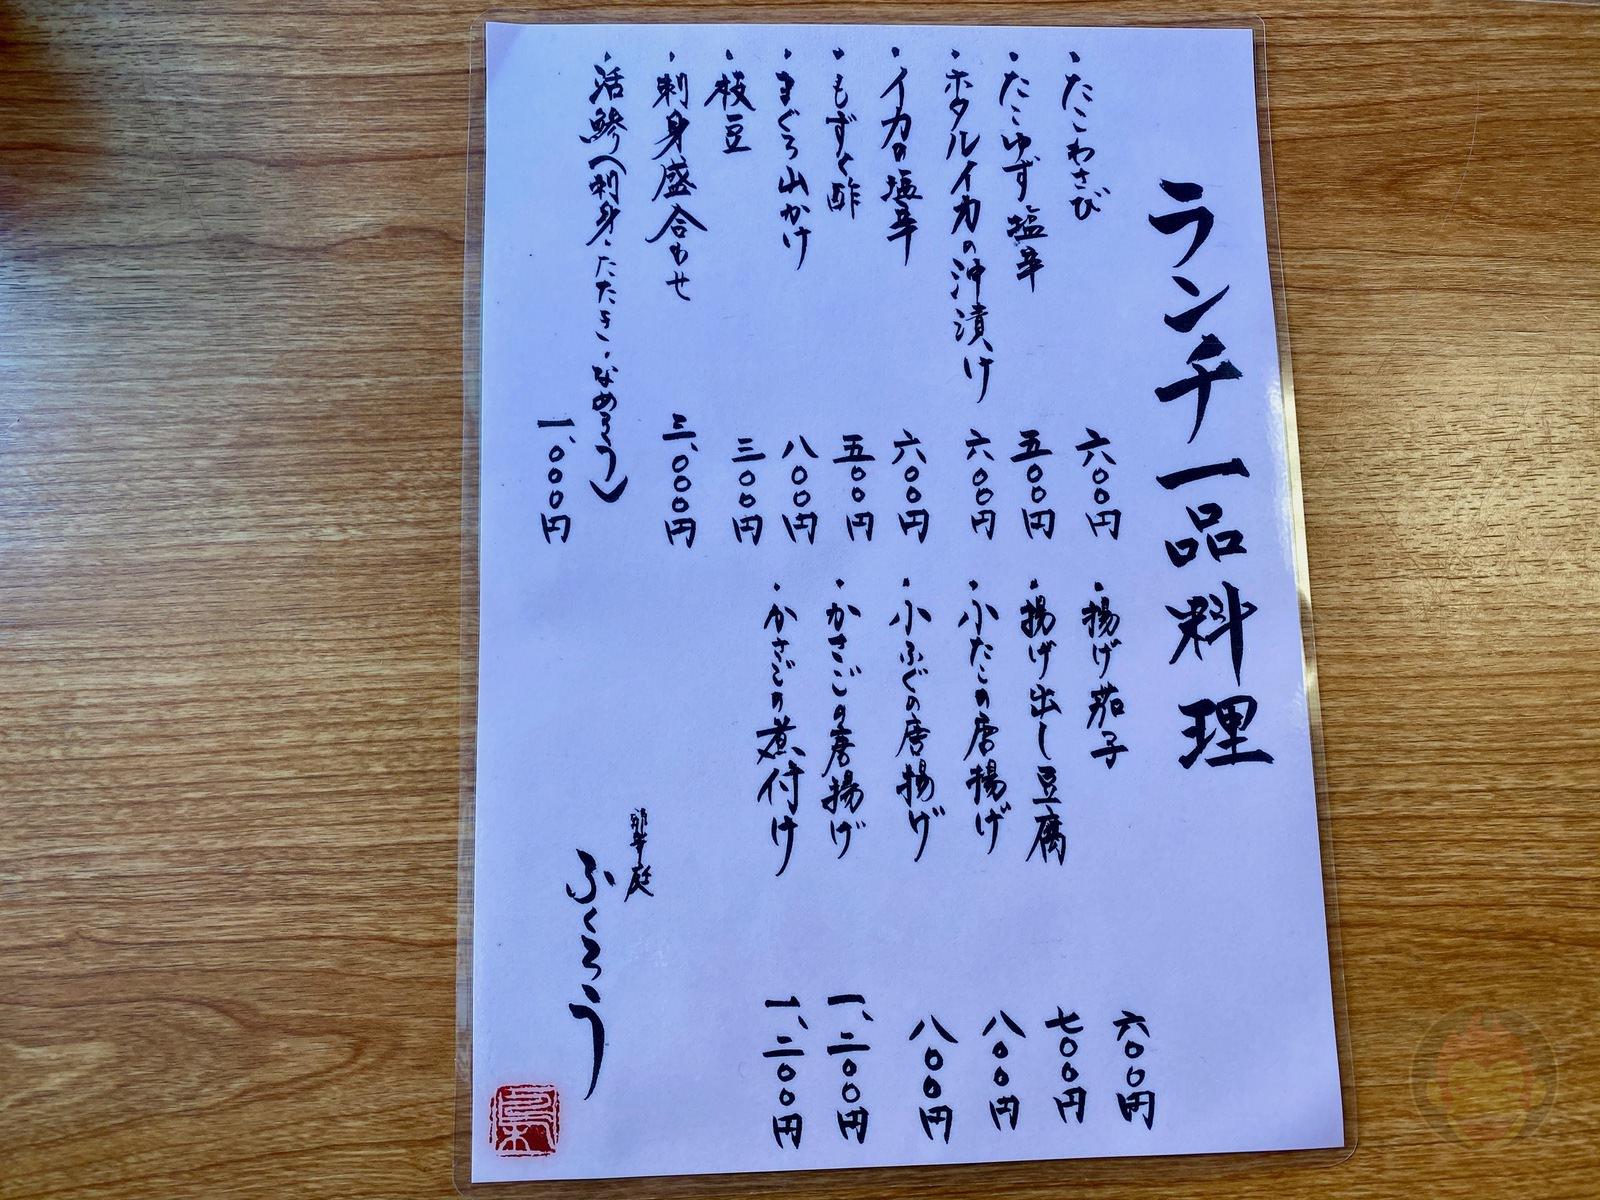 Atami-Fukuro-Lunch-10.jpeg